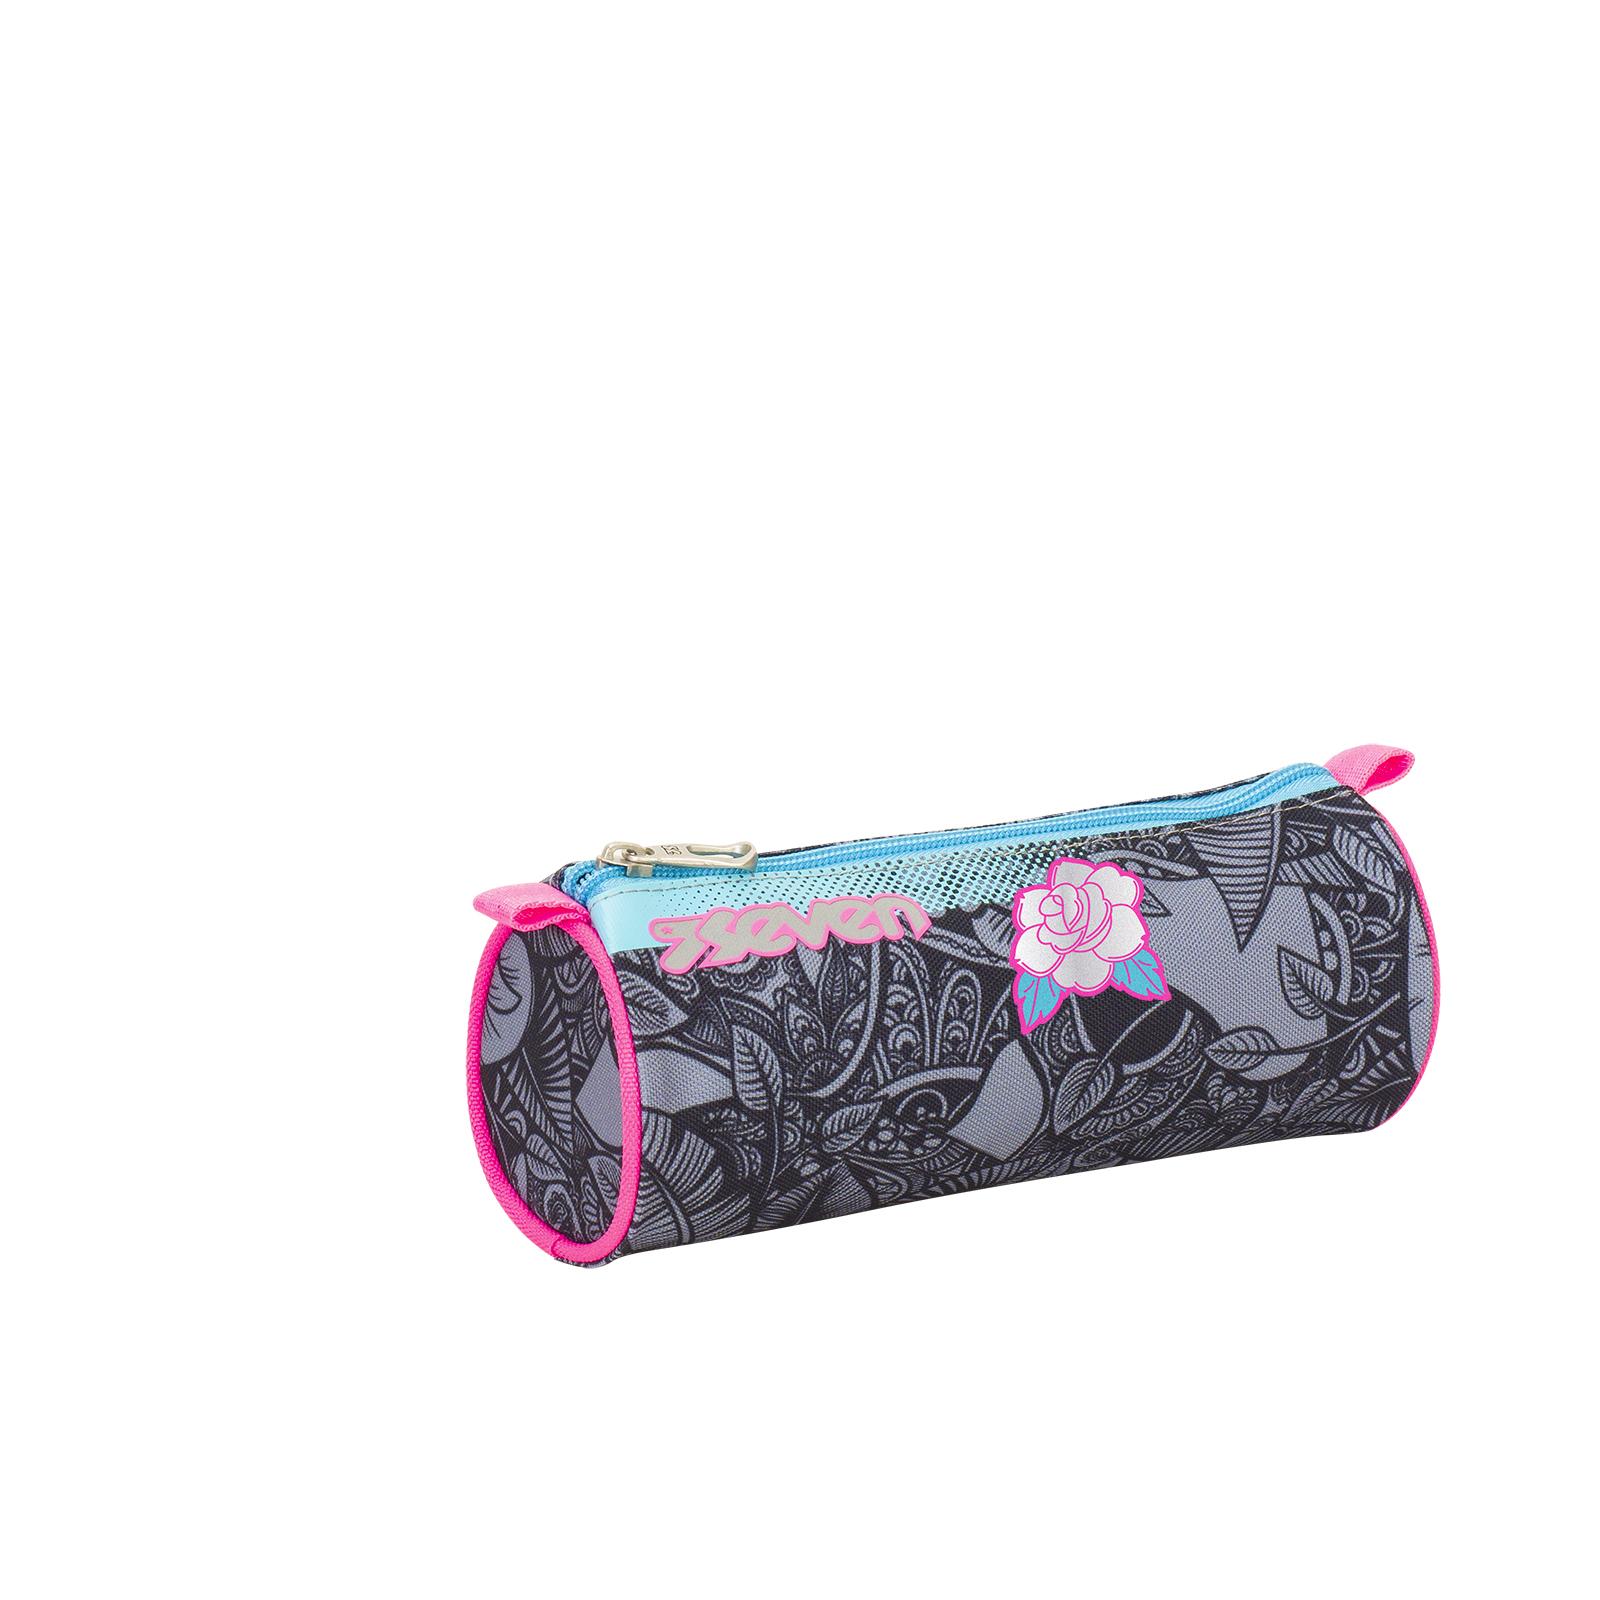 Bustina roses girl - altro - toys center - ALTRO